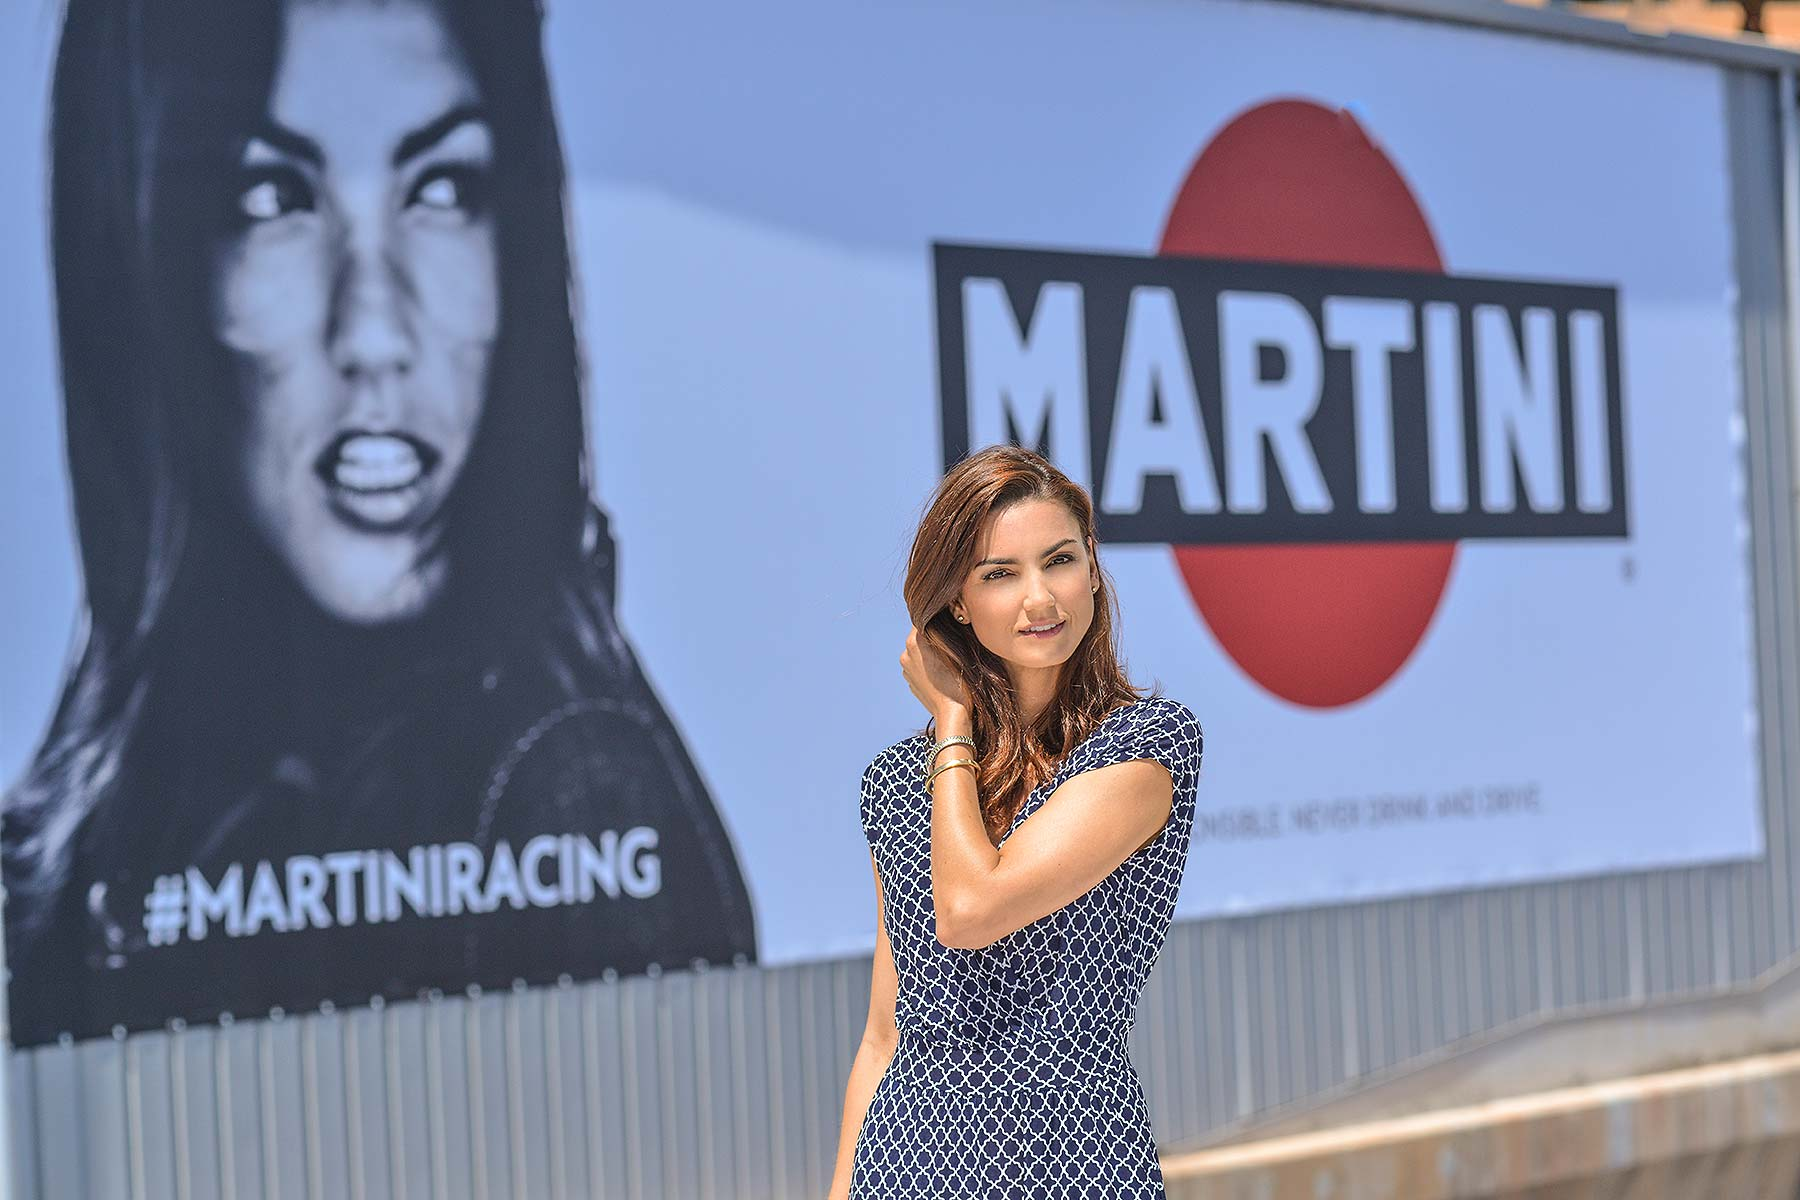 F1 Monaco 2017 Martini poster